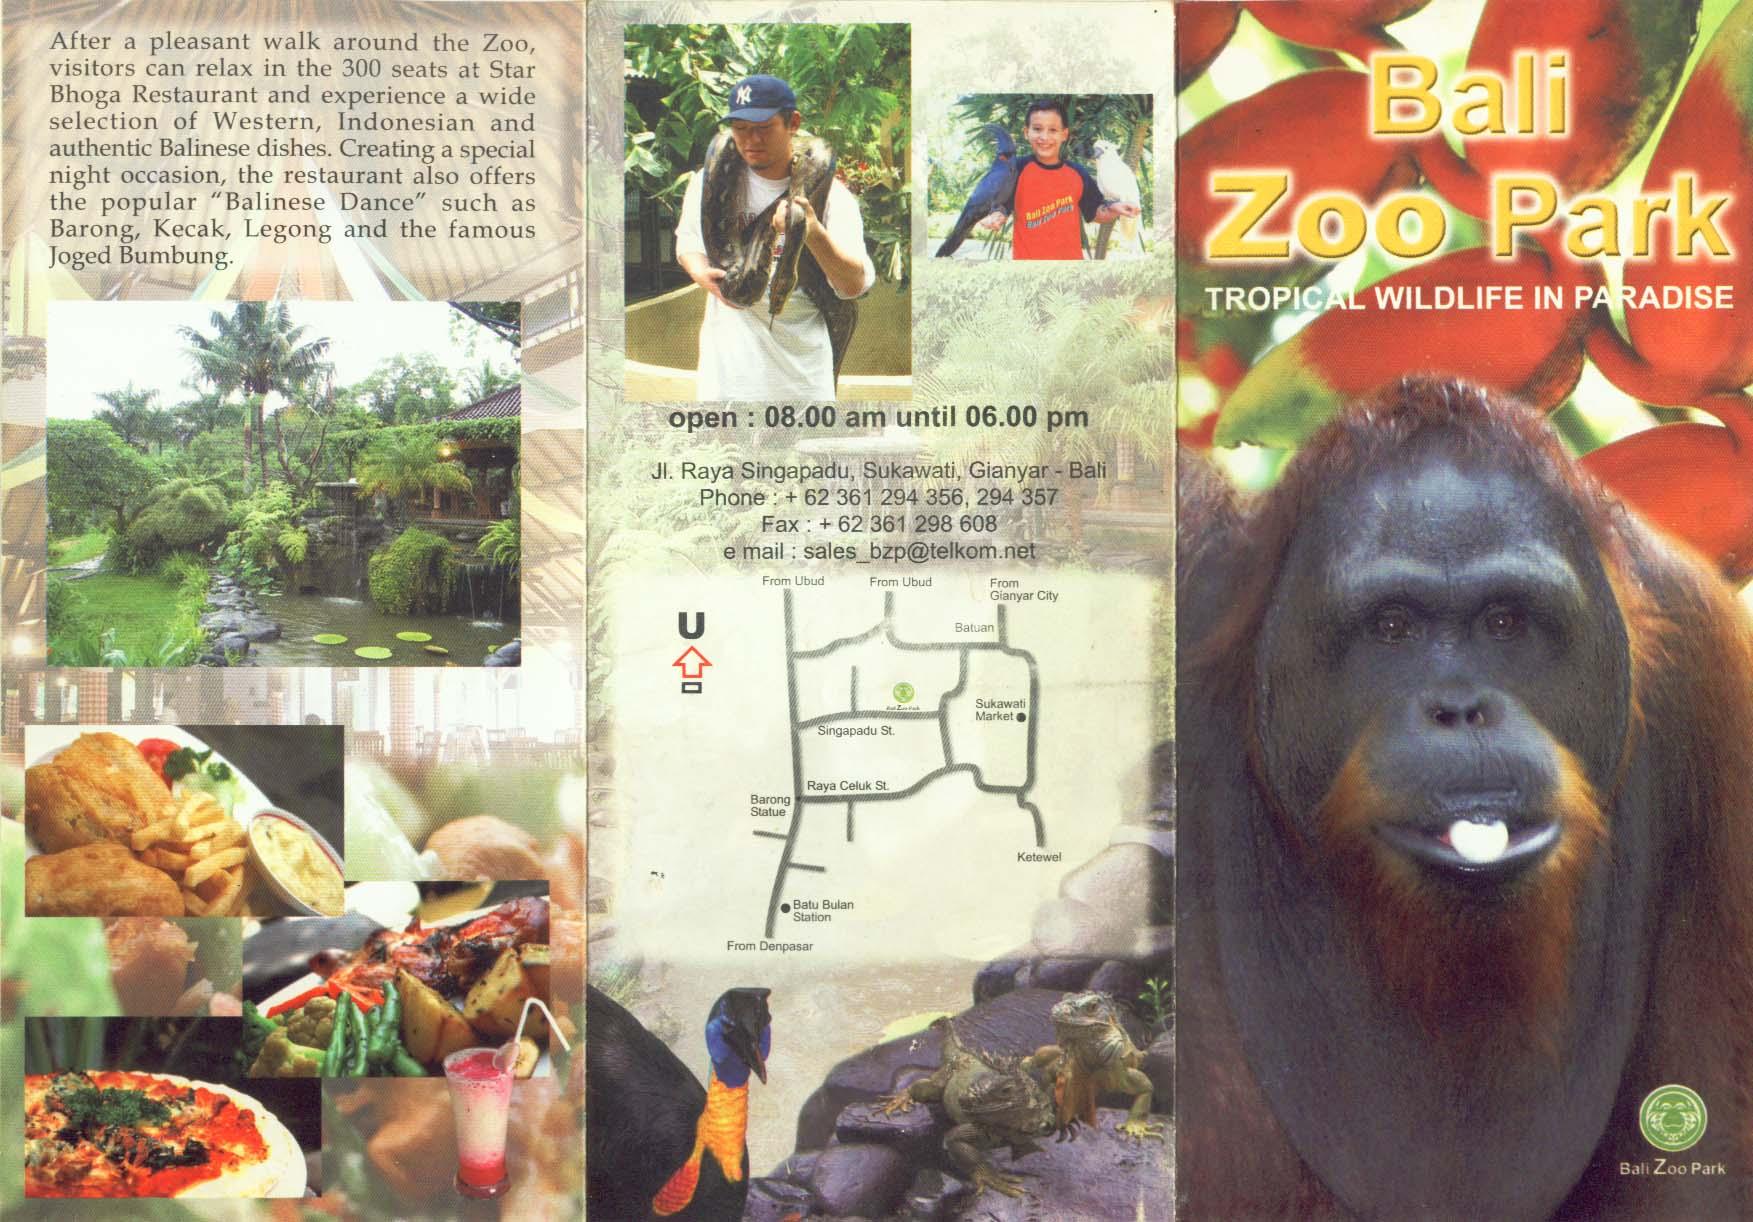 Kebun Binatang Bali Zoo Park Desa Singapadu Gianyar Tripguidebali Kab